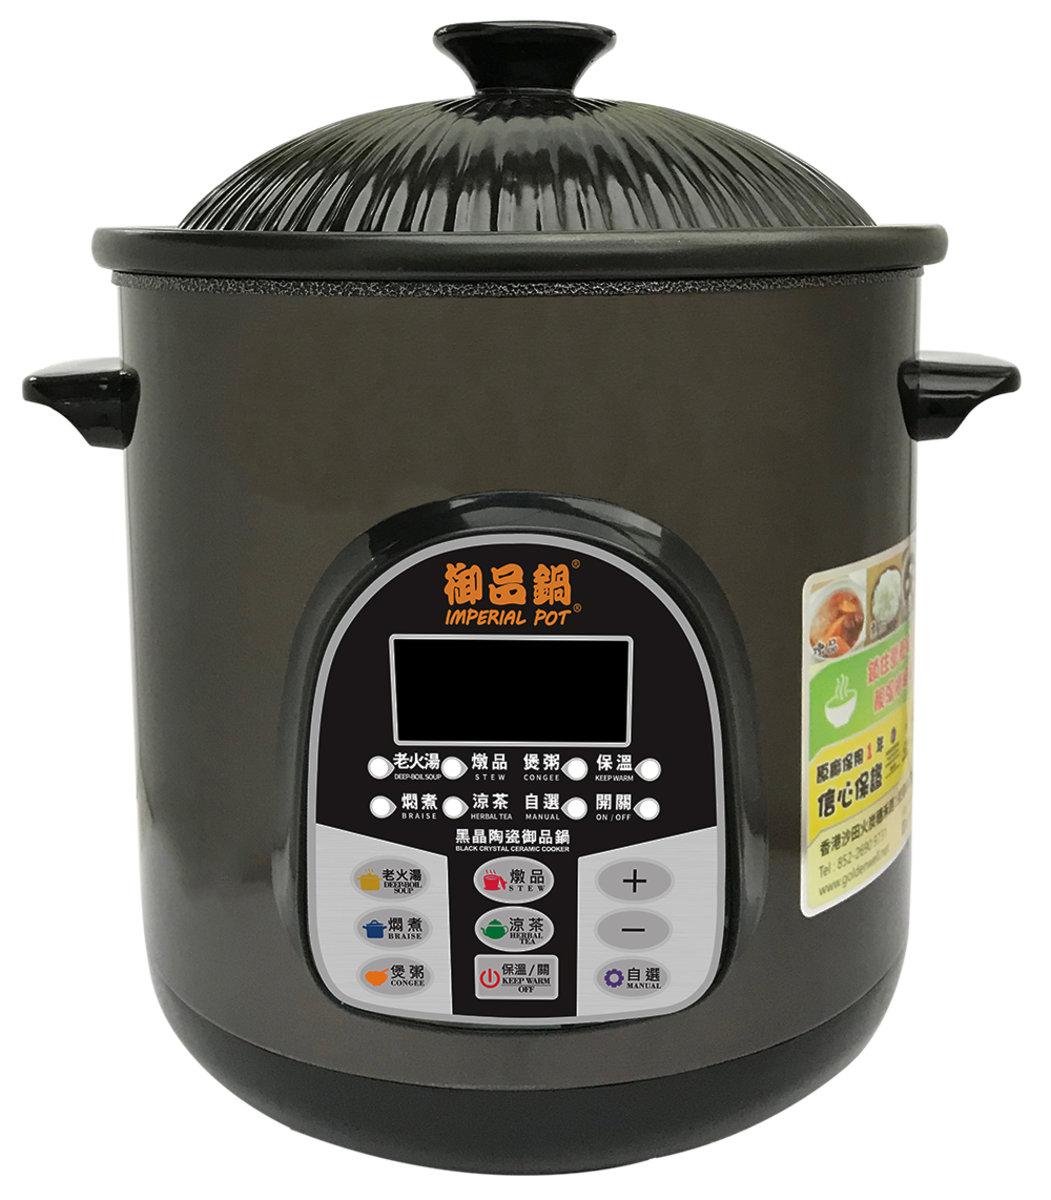 黑晶陶瓷營養鍋 GBC-138X